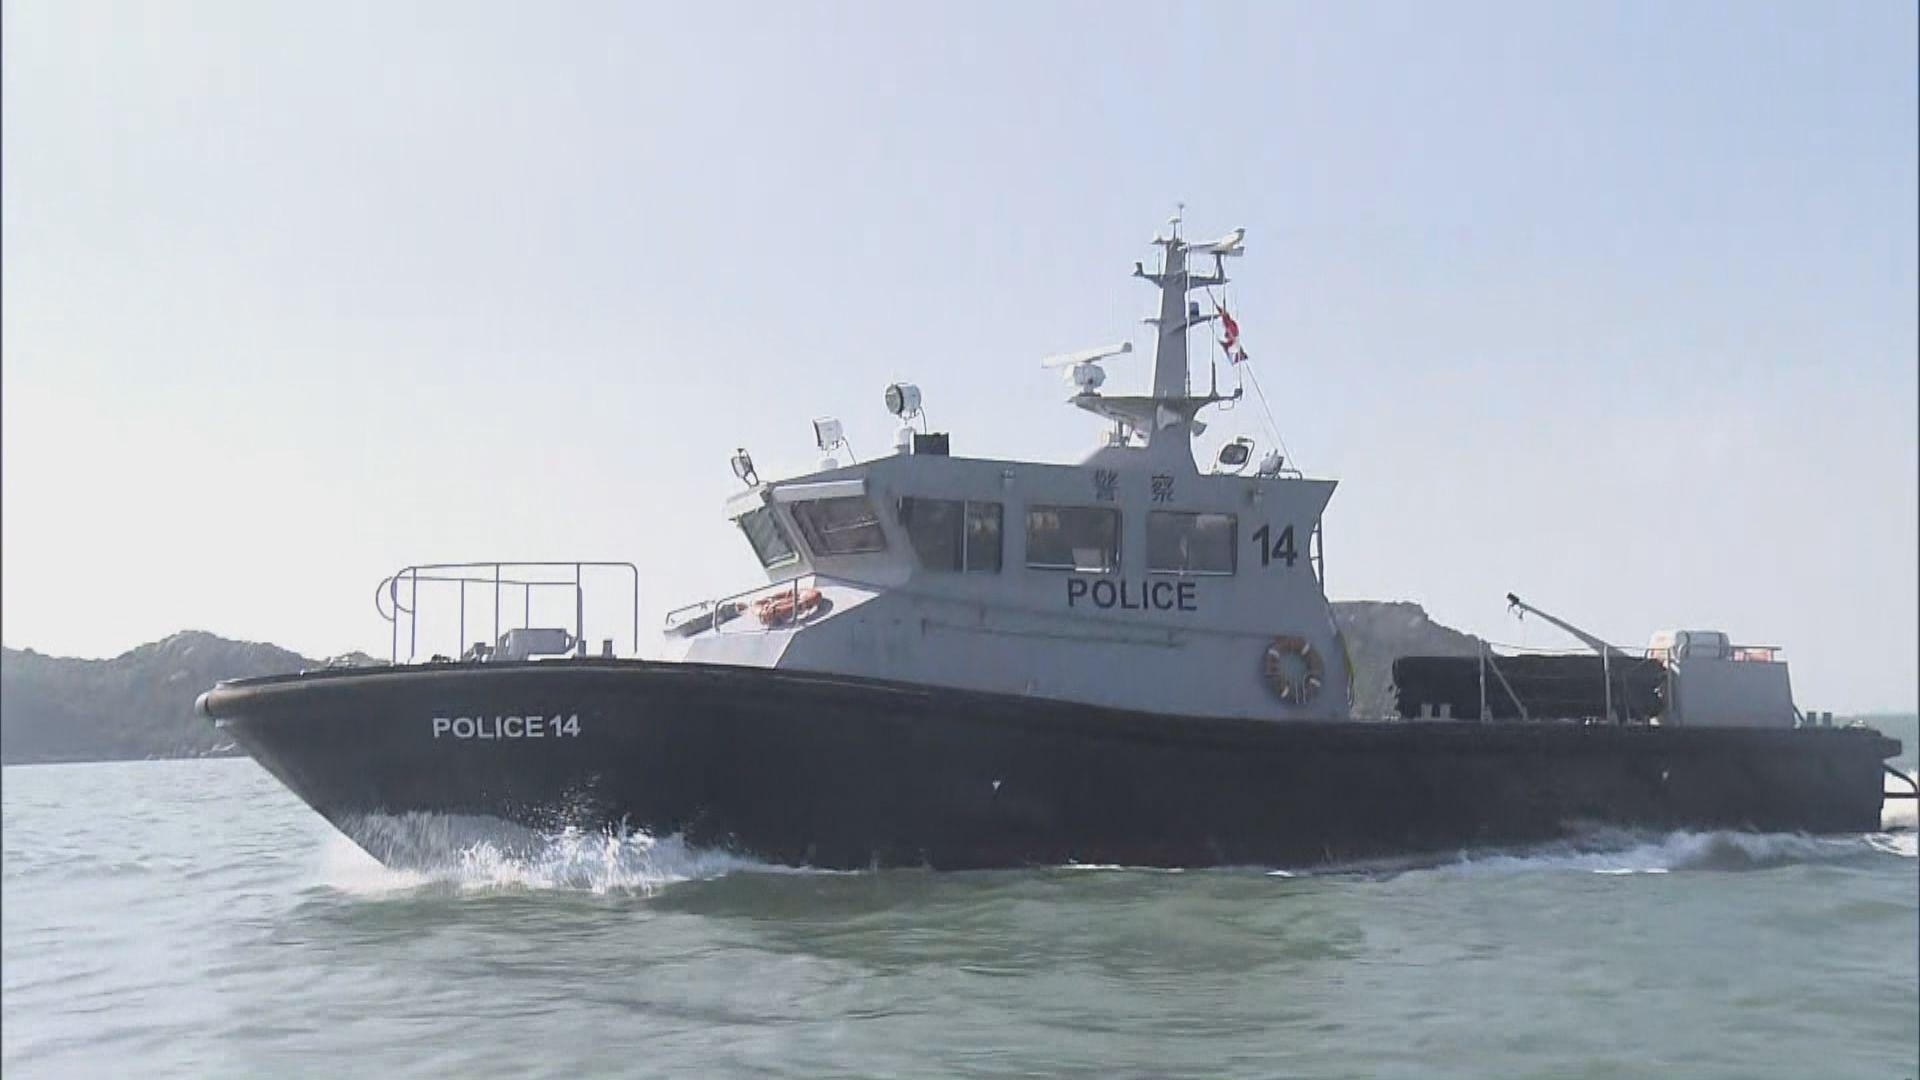 警方吊起翻側水警快艇 繼續搜索失蹤女警